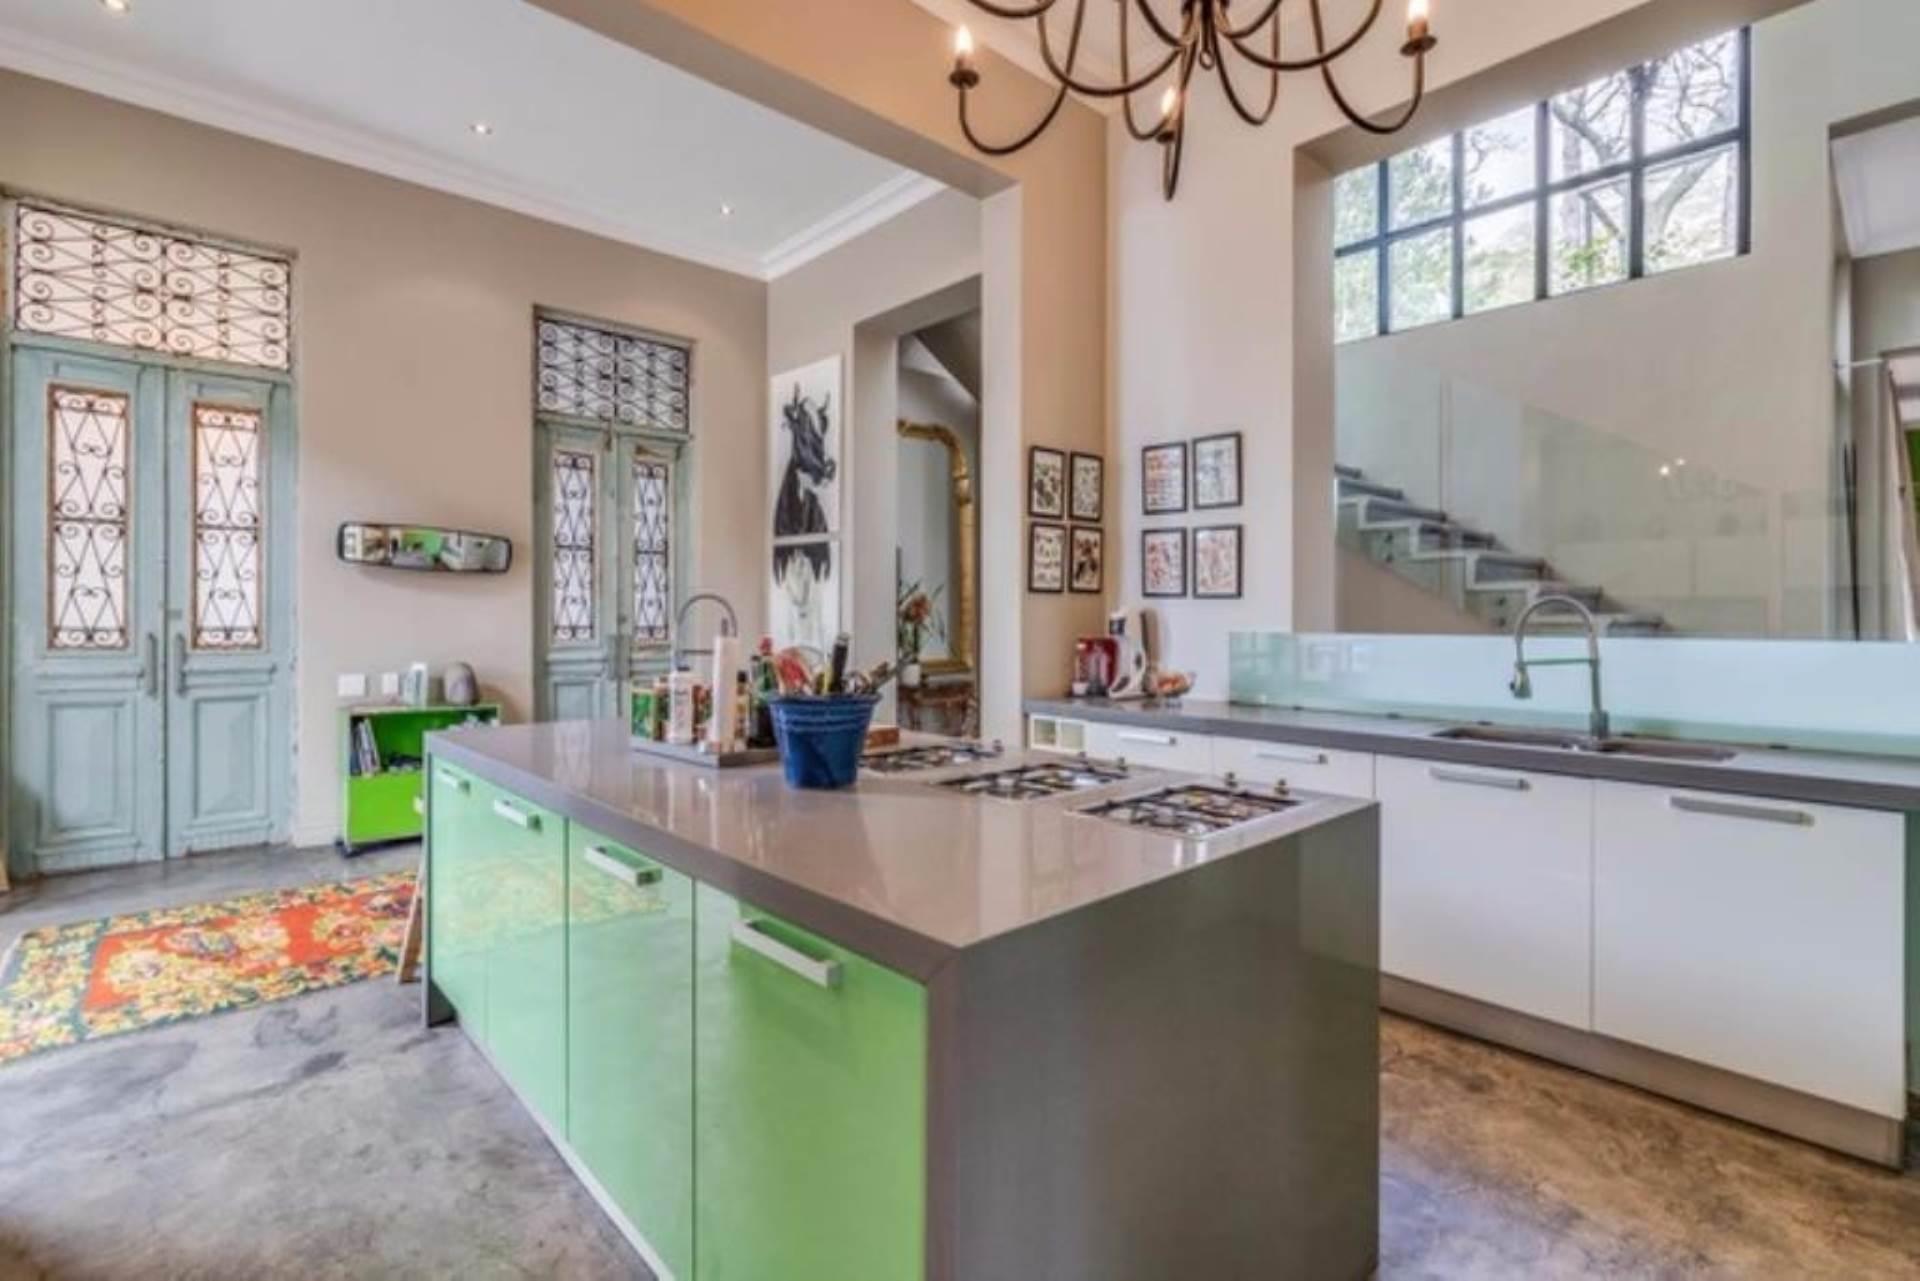 Oranjezicht property for sale. Ref No: 13475188. Picture no 9